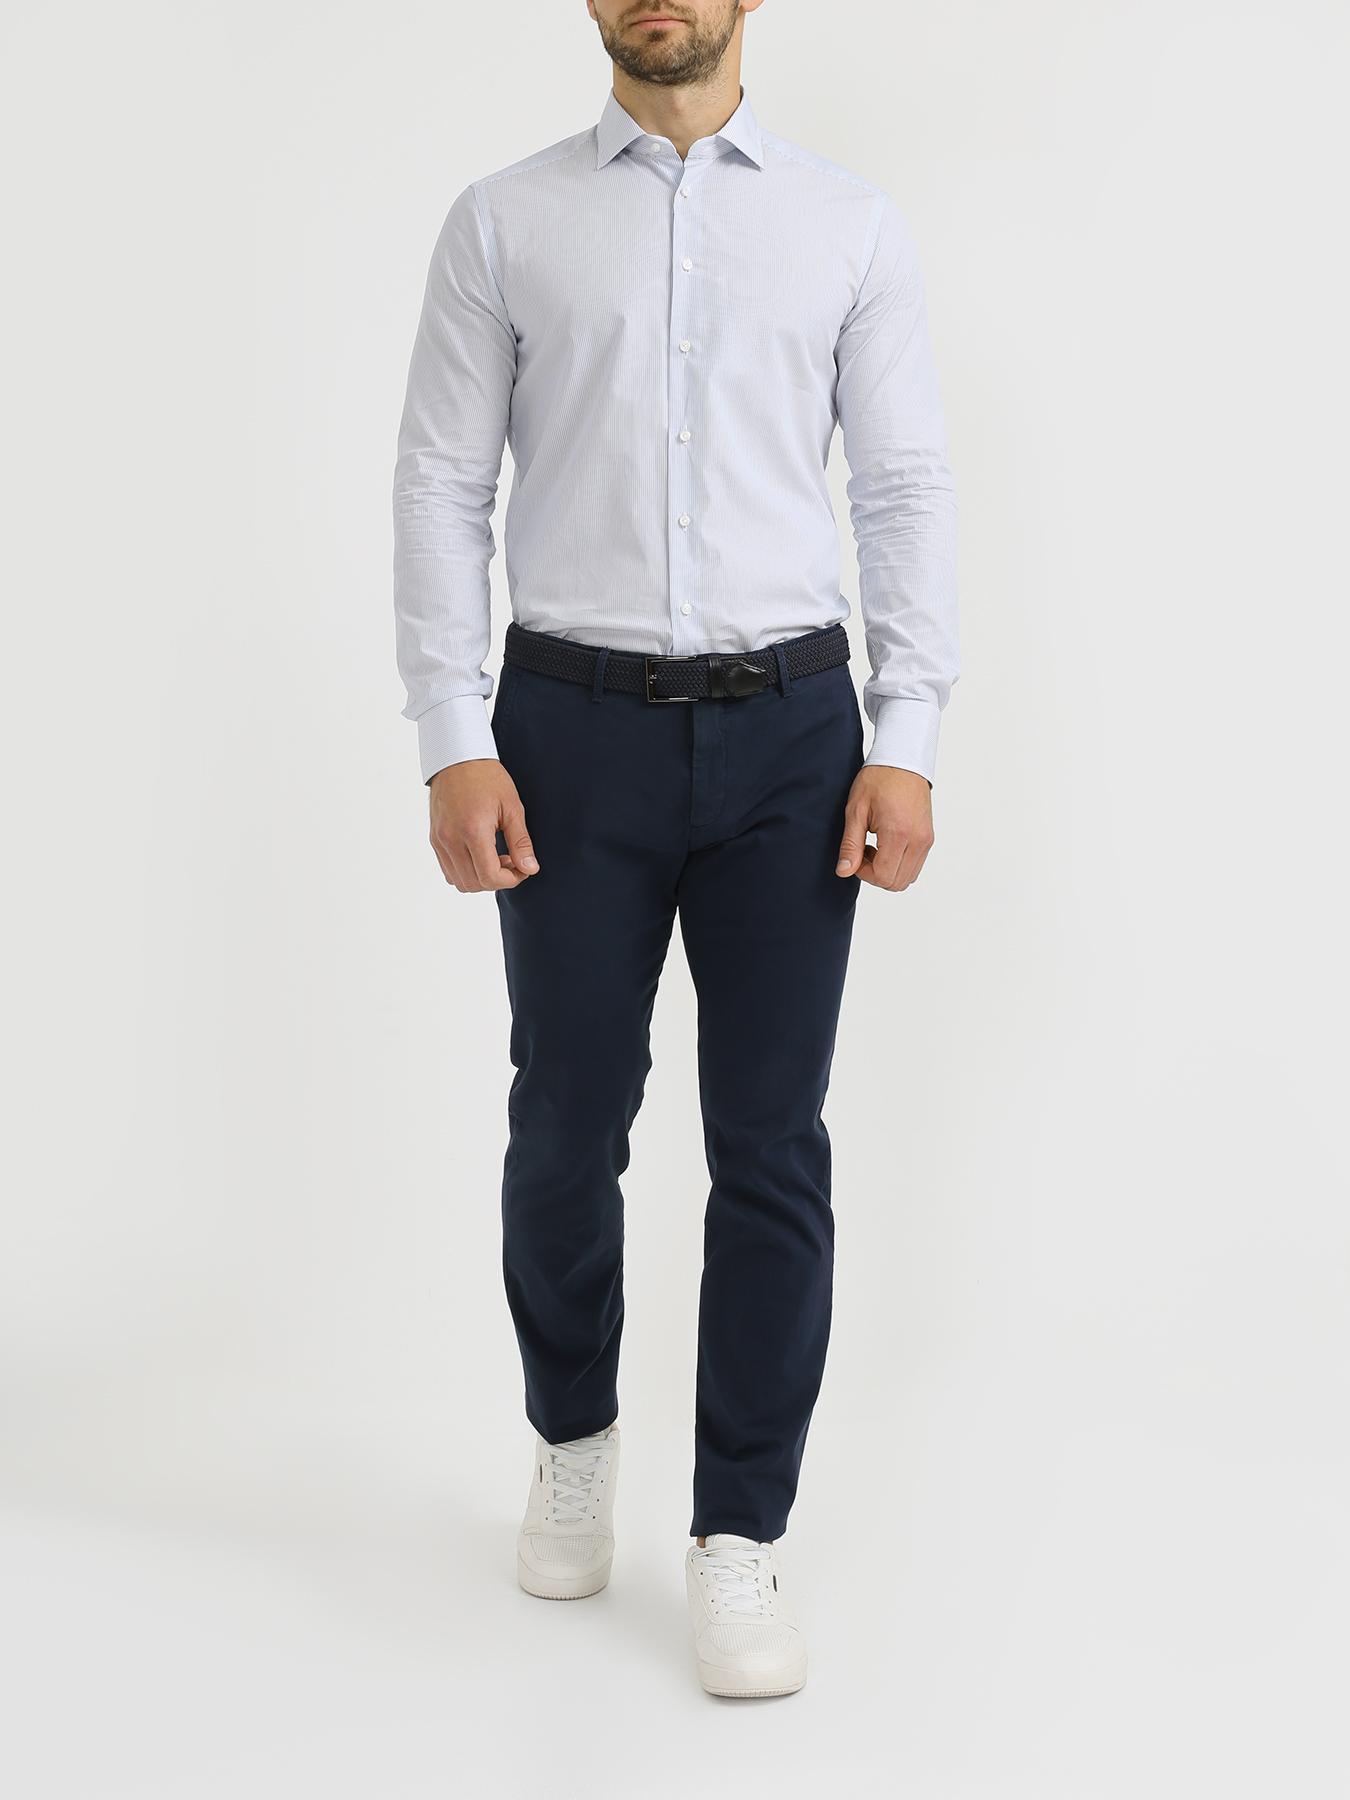 Рубашка Korpo Хлопковая рубашка в полоску